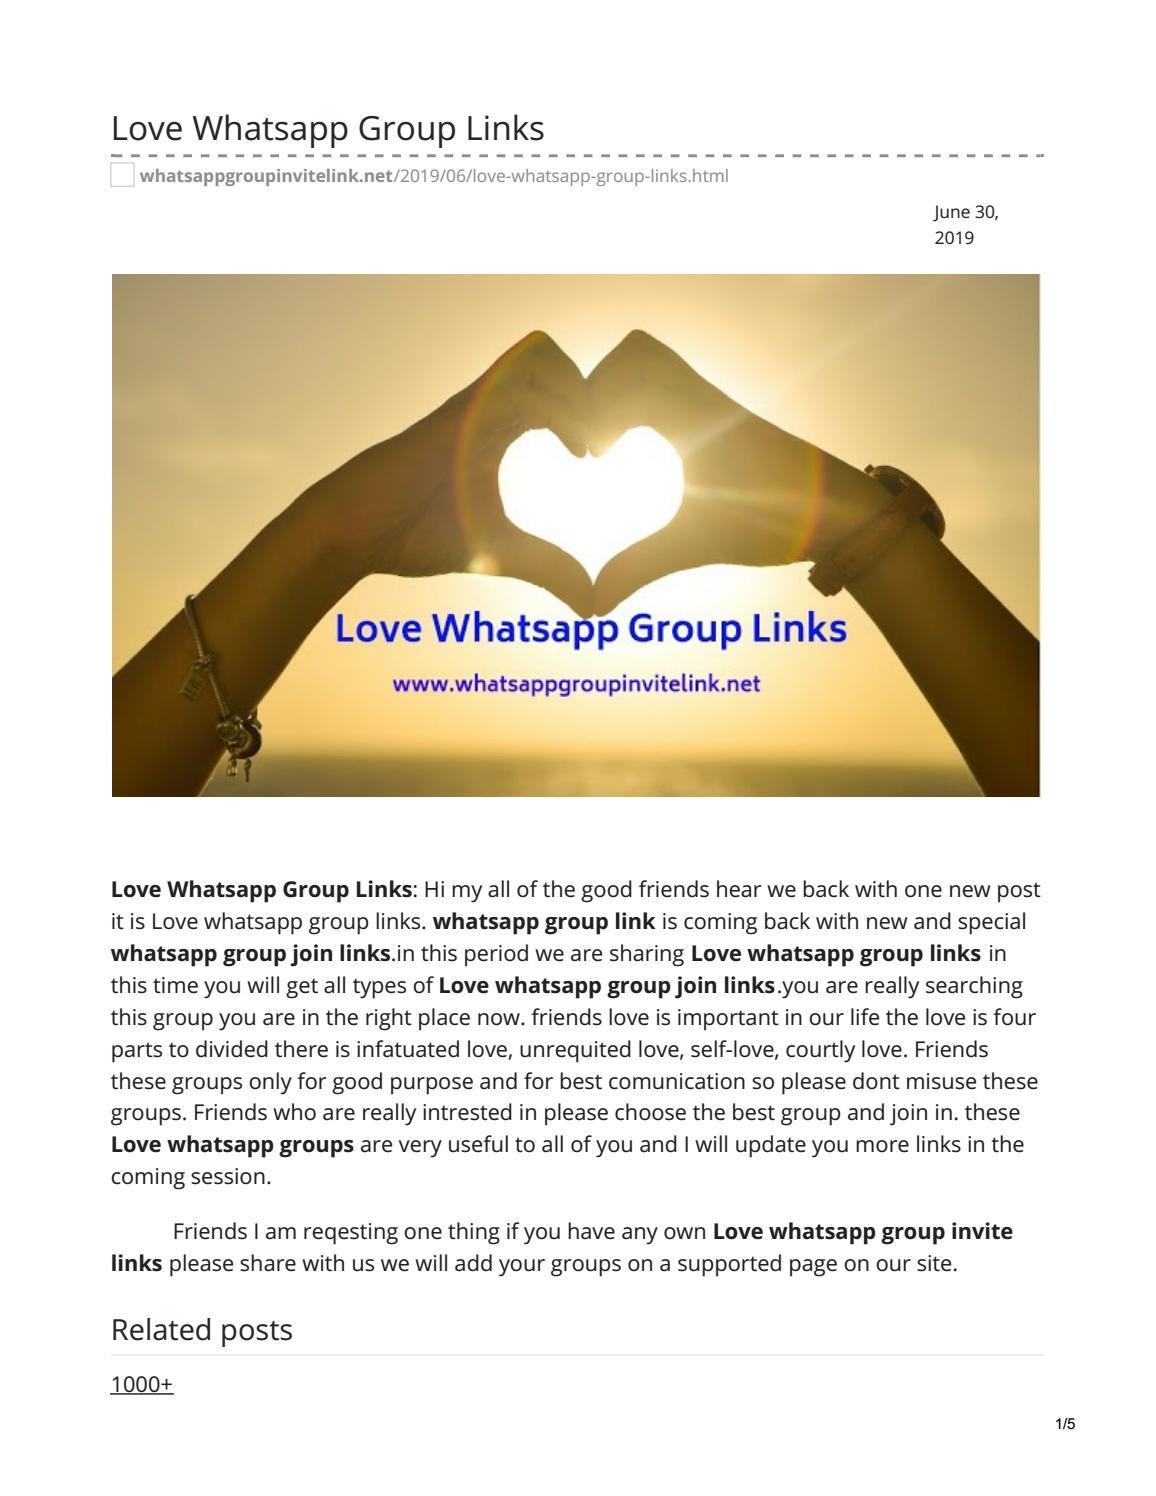 Love Whatsapp Group Links by whatsappgrouplink77 - issuu